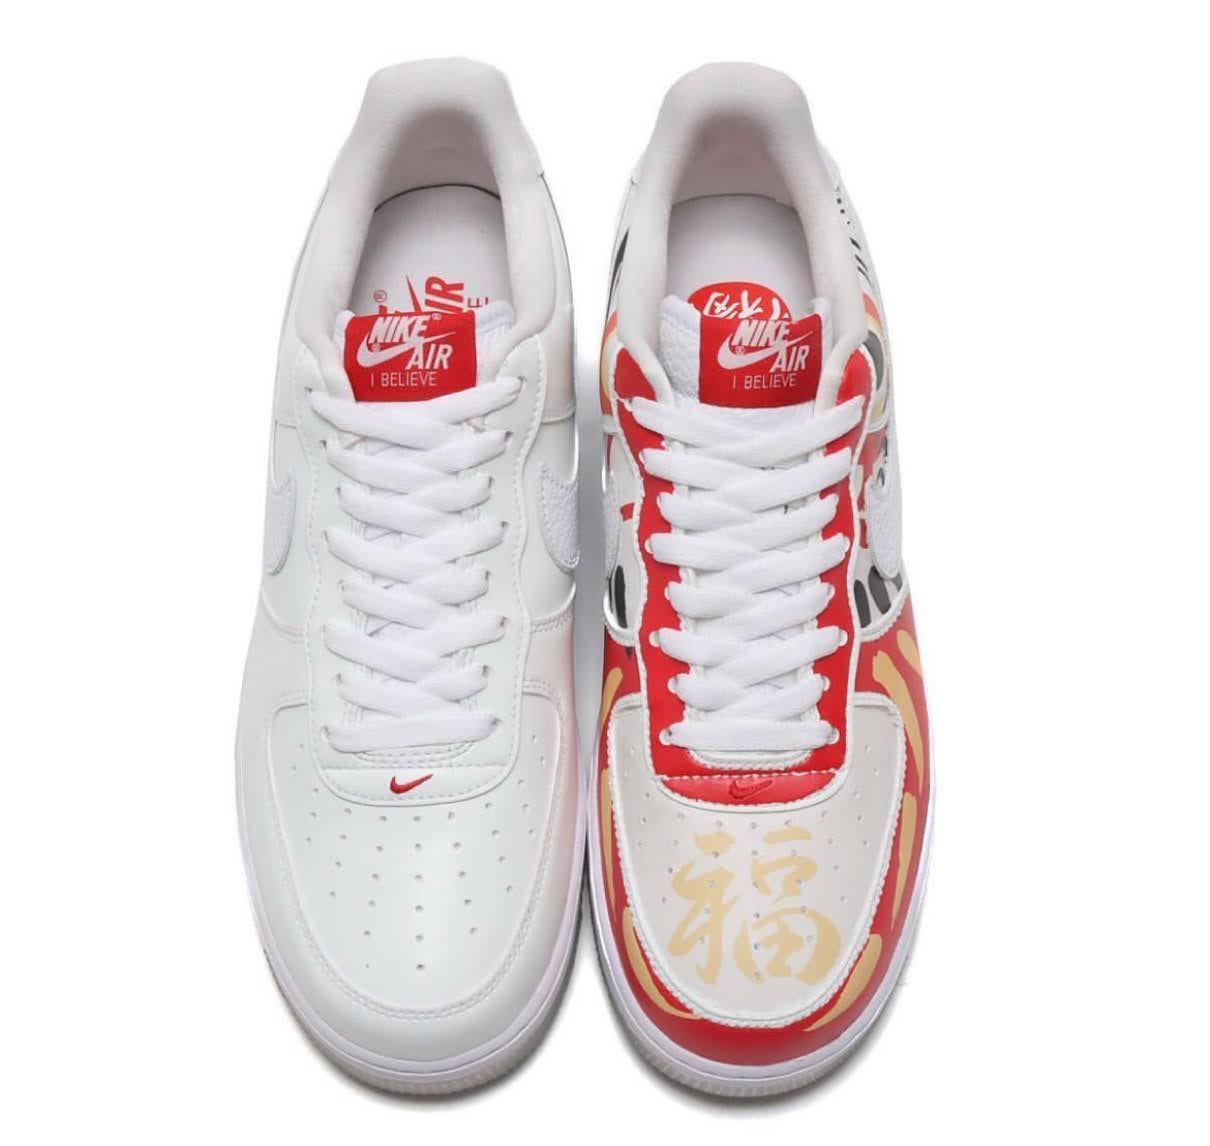 """Nike Air Force 1 Low """"I Believe DARUMA"""" / ナイキ エア フォース 1 ロー """"アイ ビリーブ 達磨"""" DD9941-100 half design"""